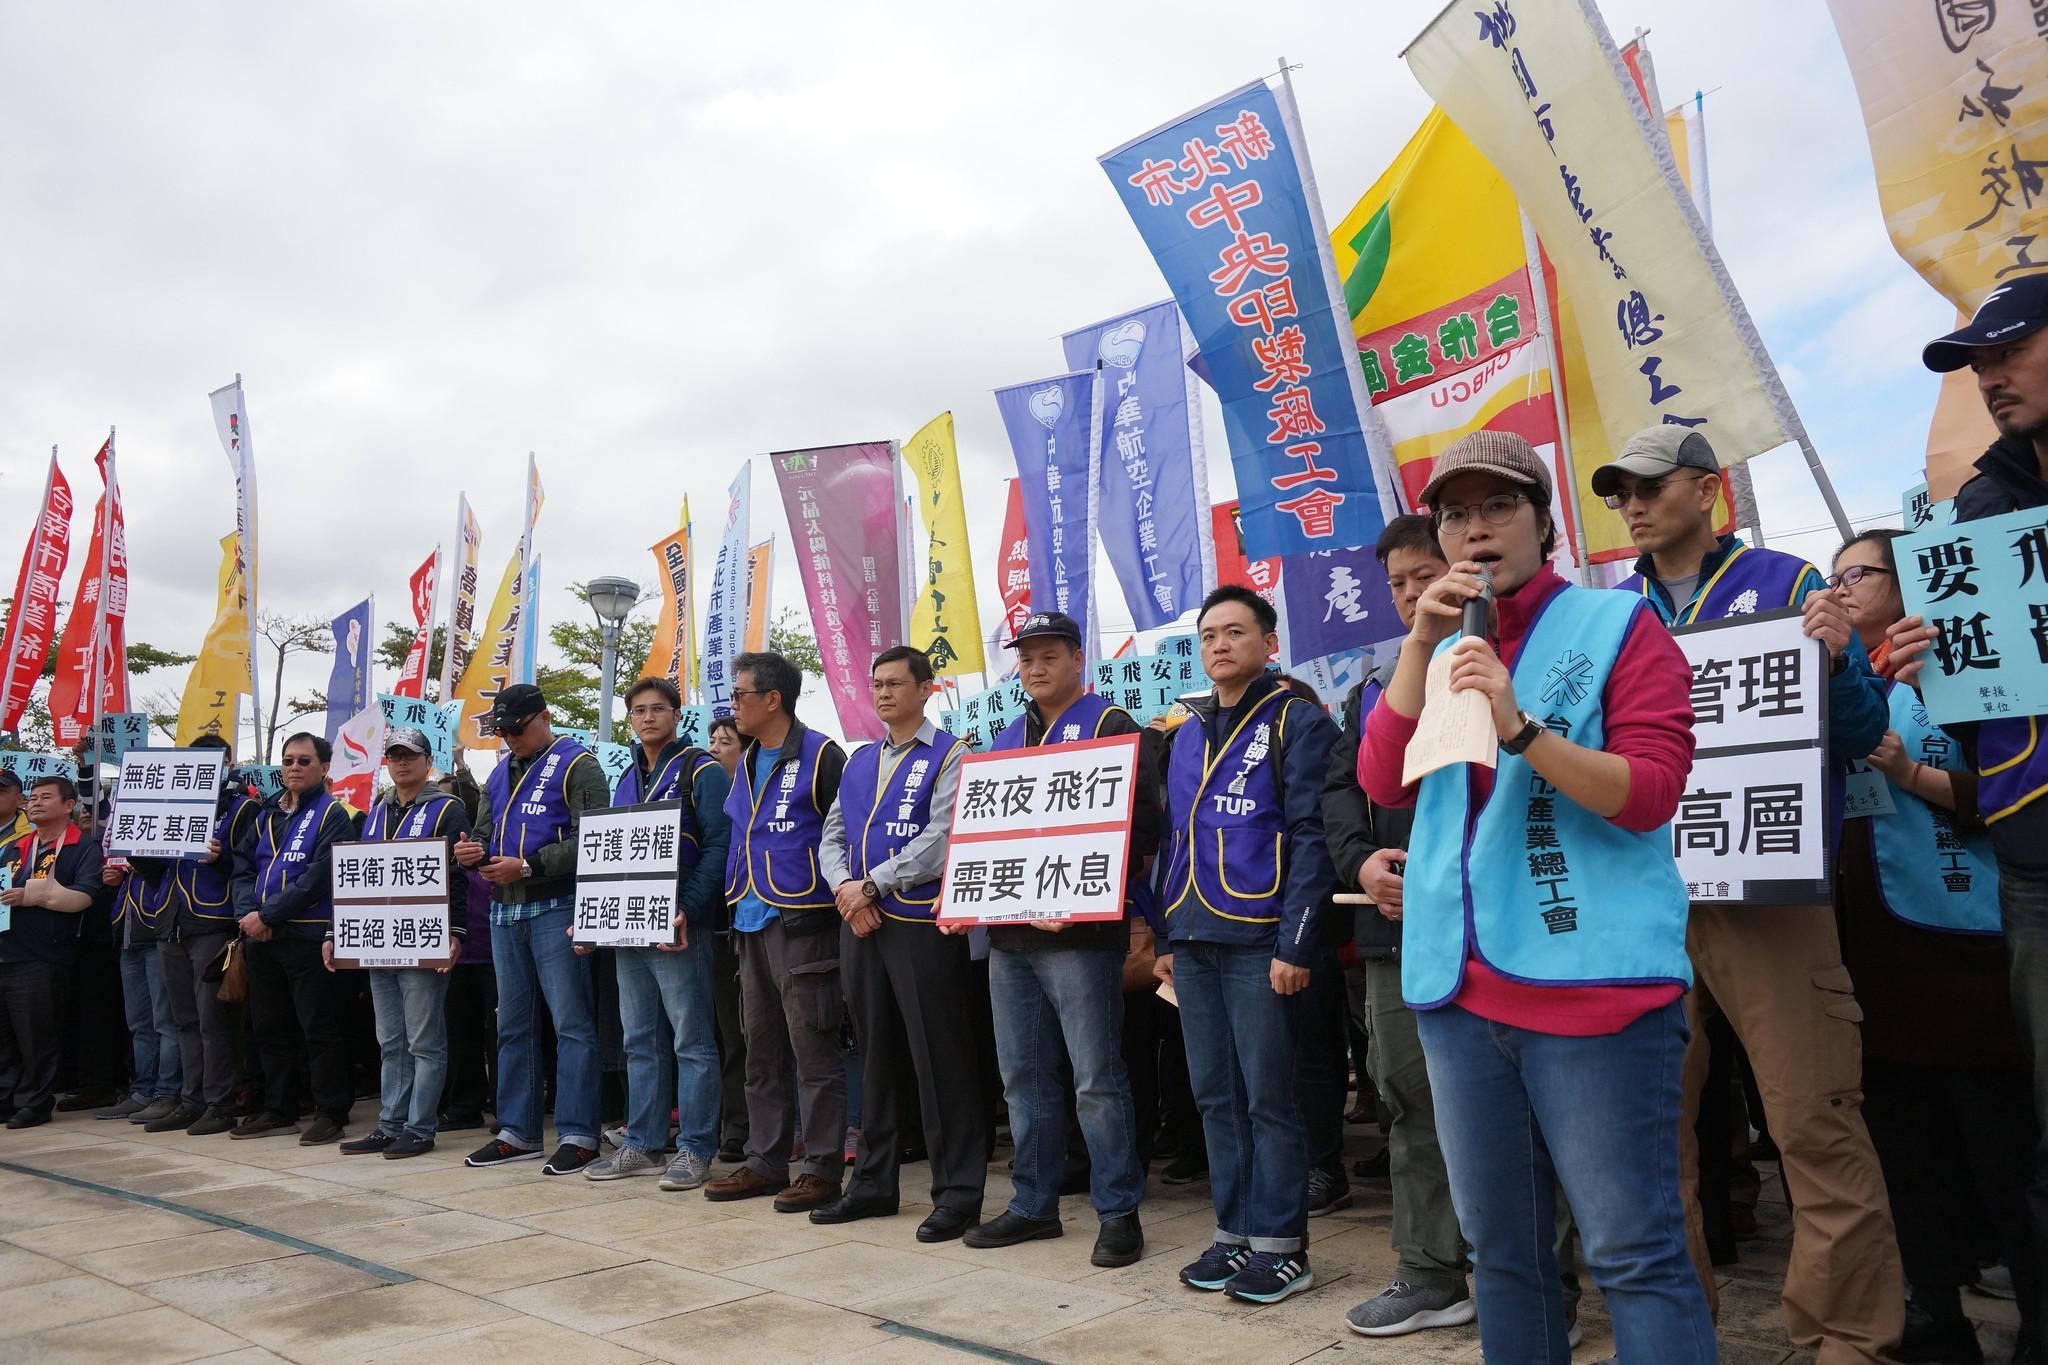 全台超過60間工會力挺機師工會罷工。(攝影:王顥中)